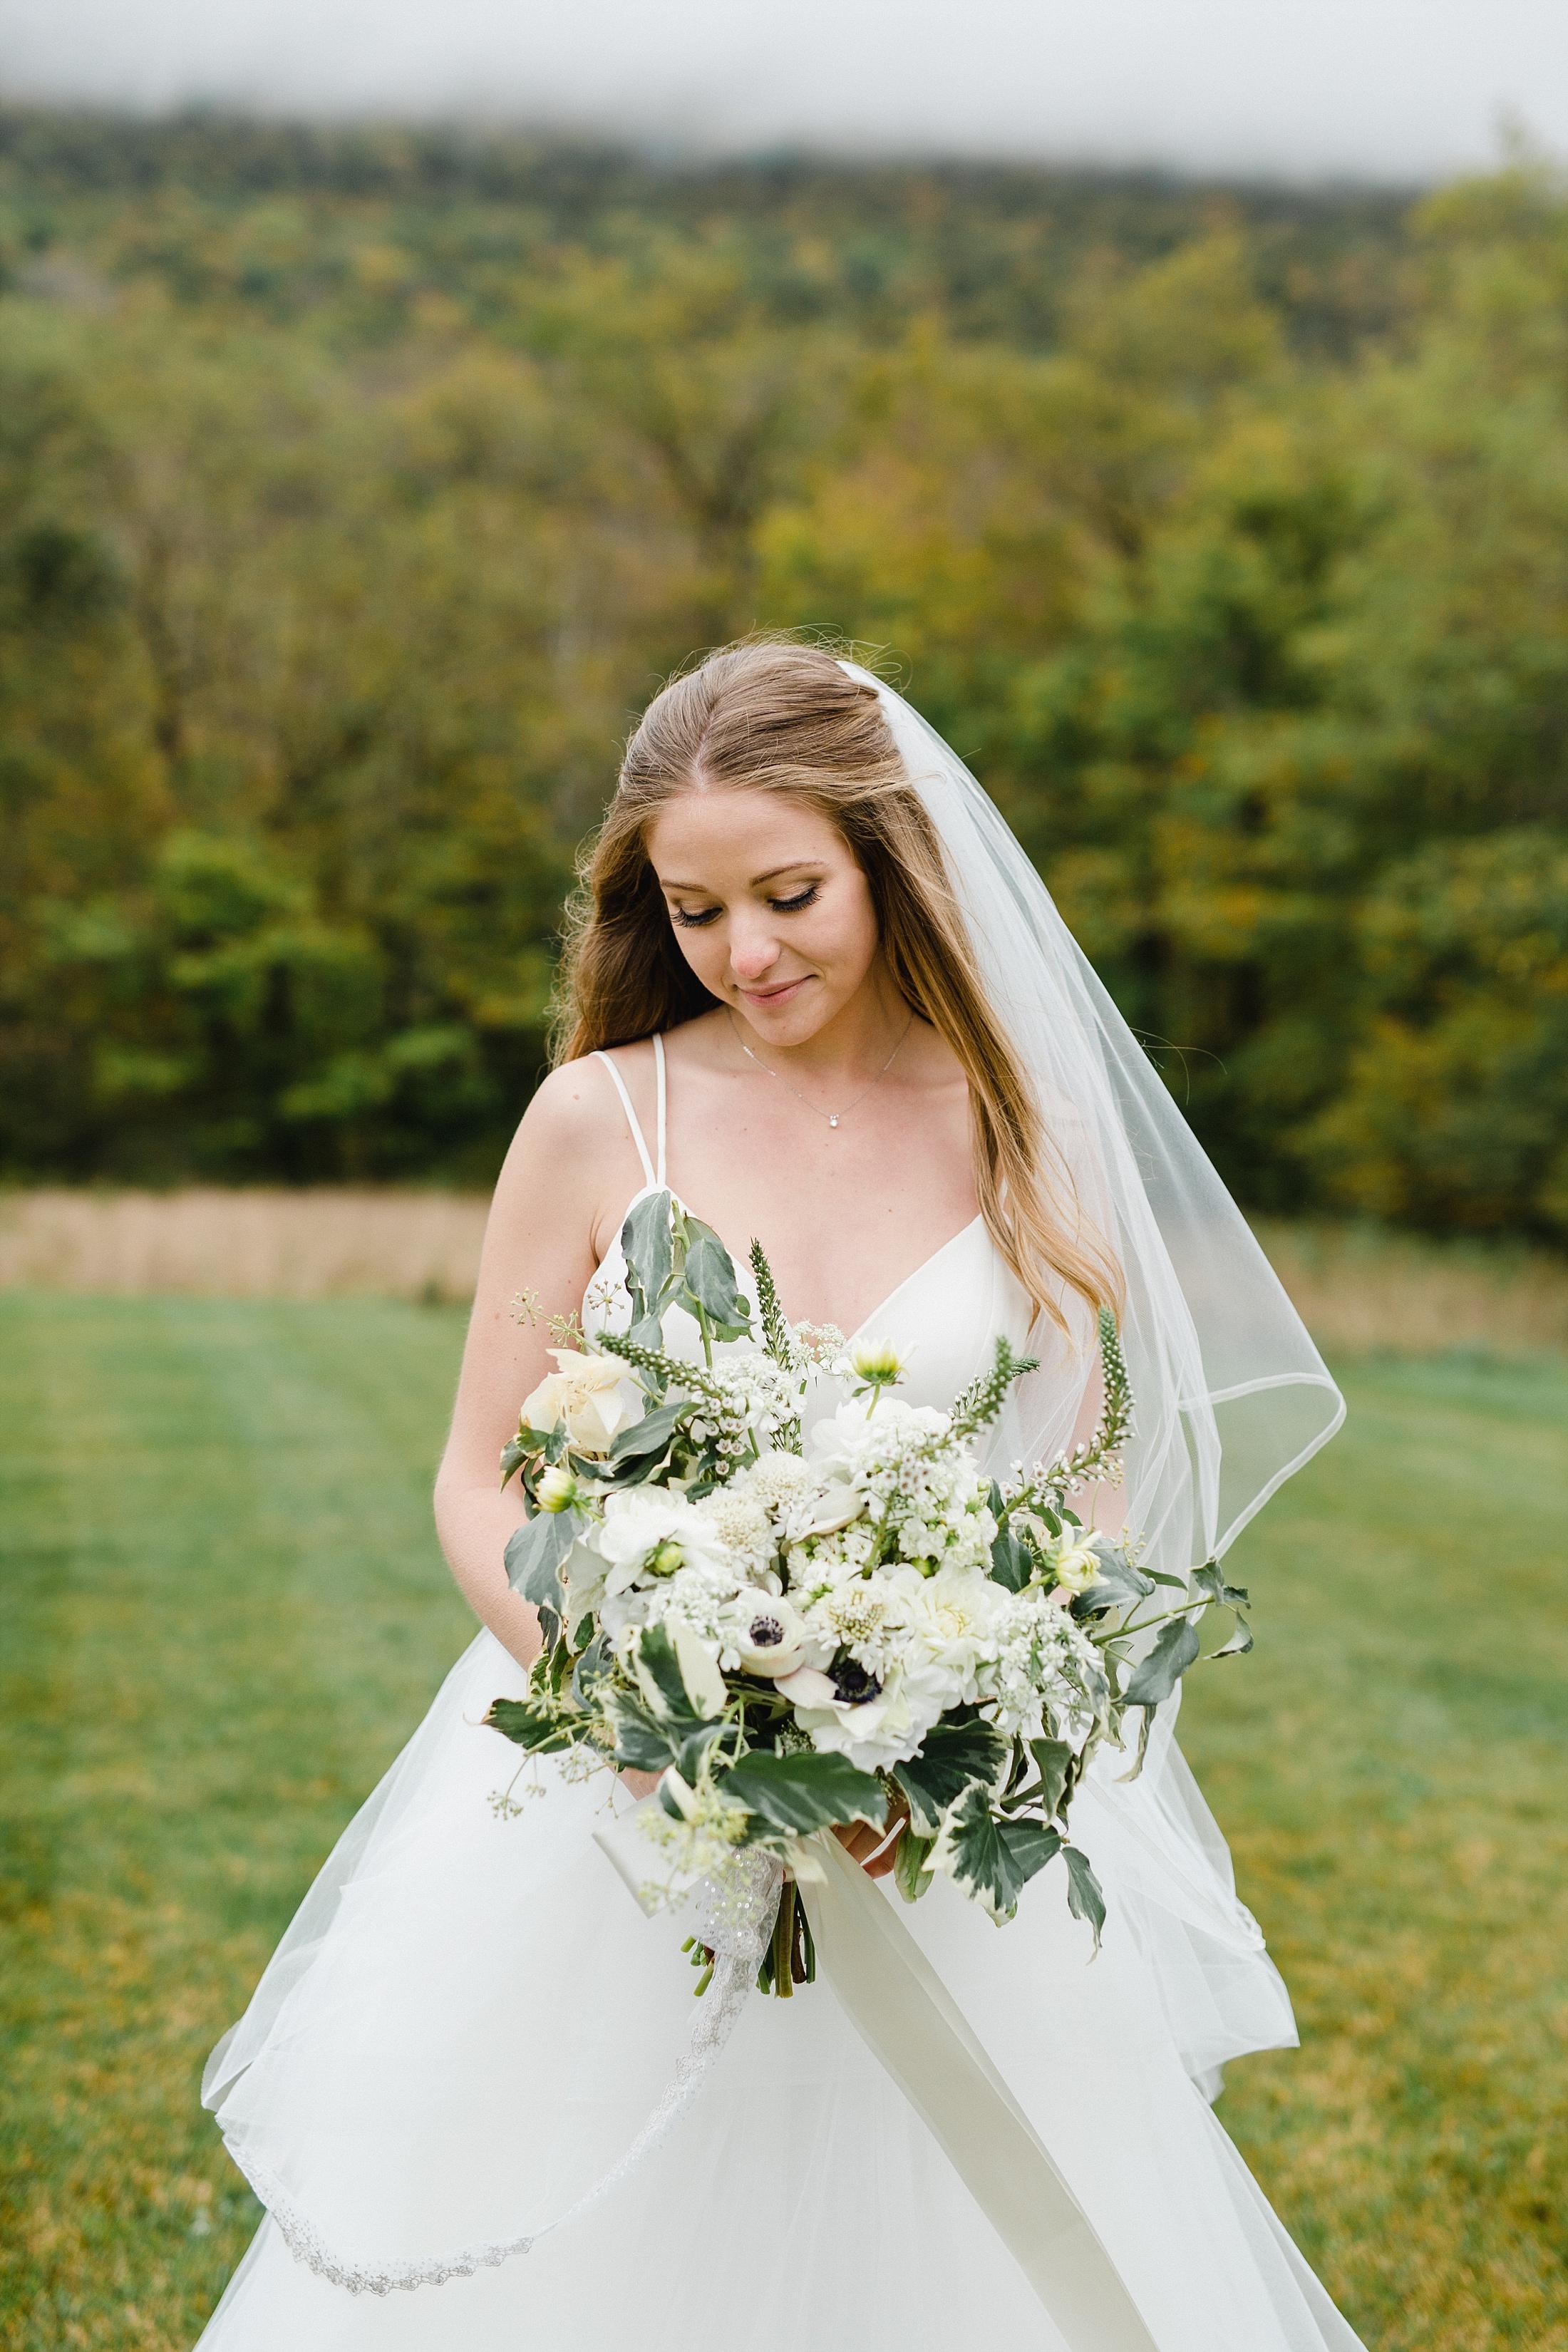 TiffanyJoyce-BloomMeadows-StephDylan-161_WEB.jpg